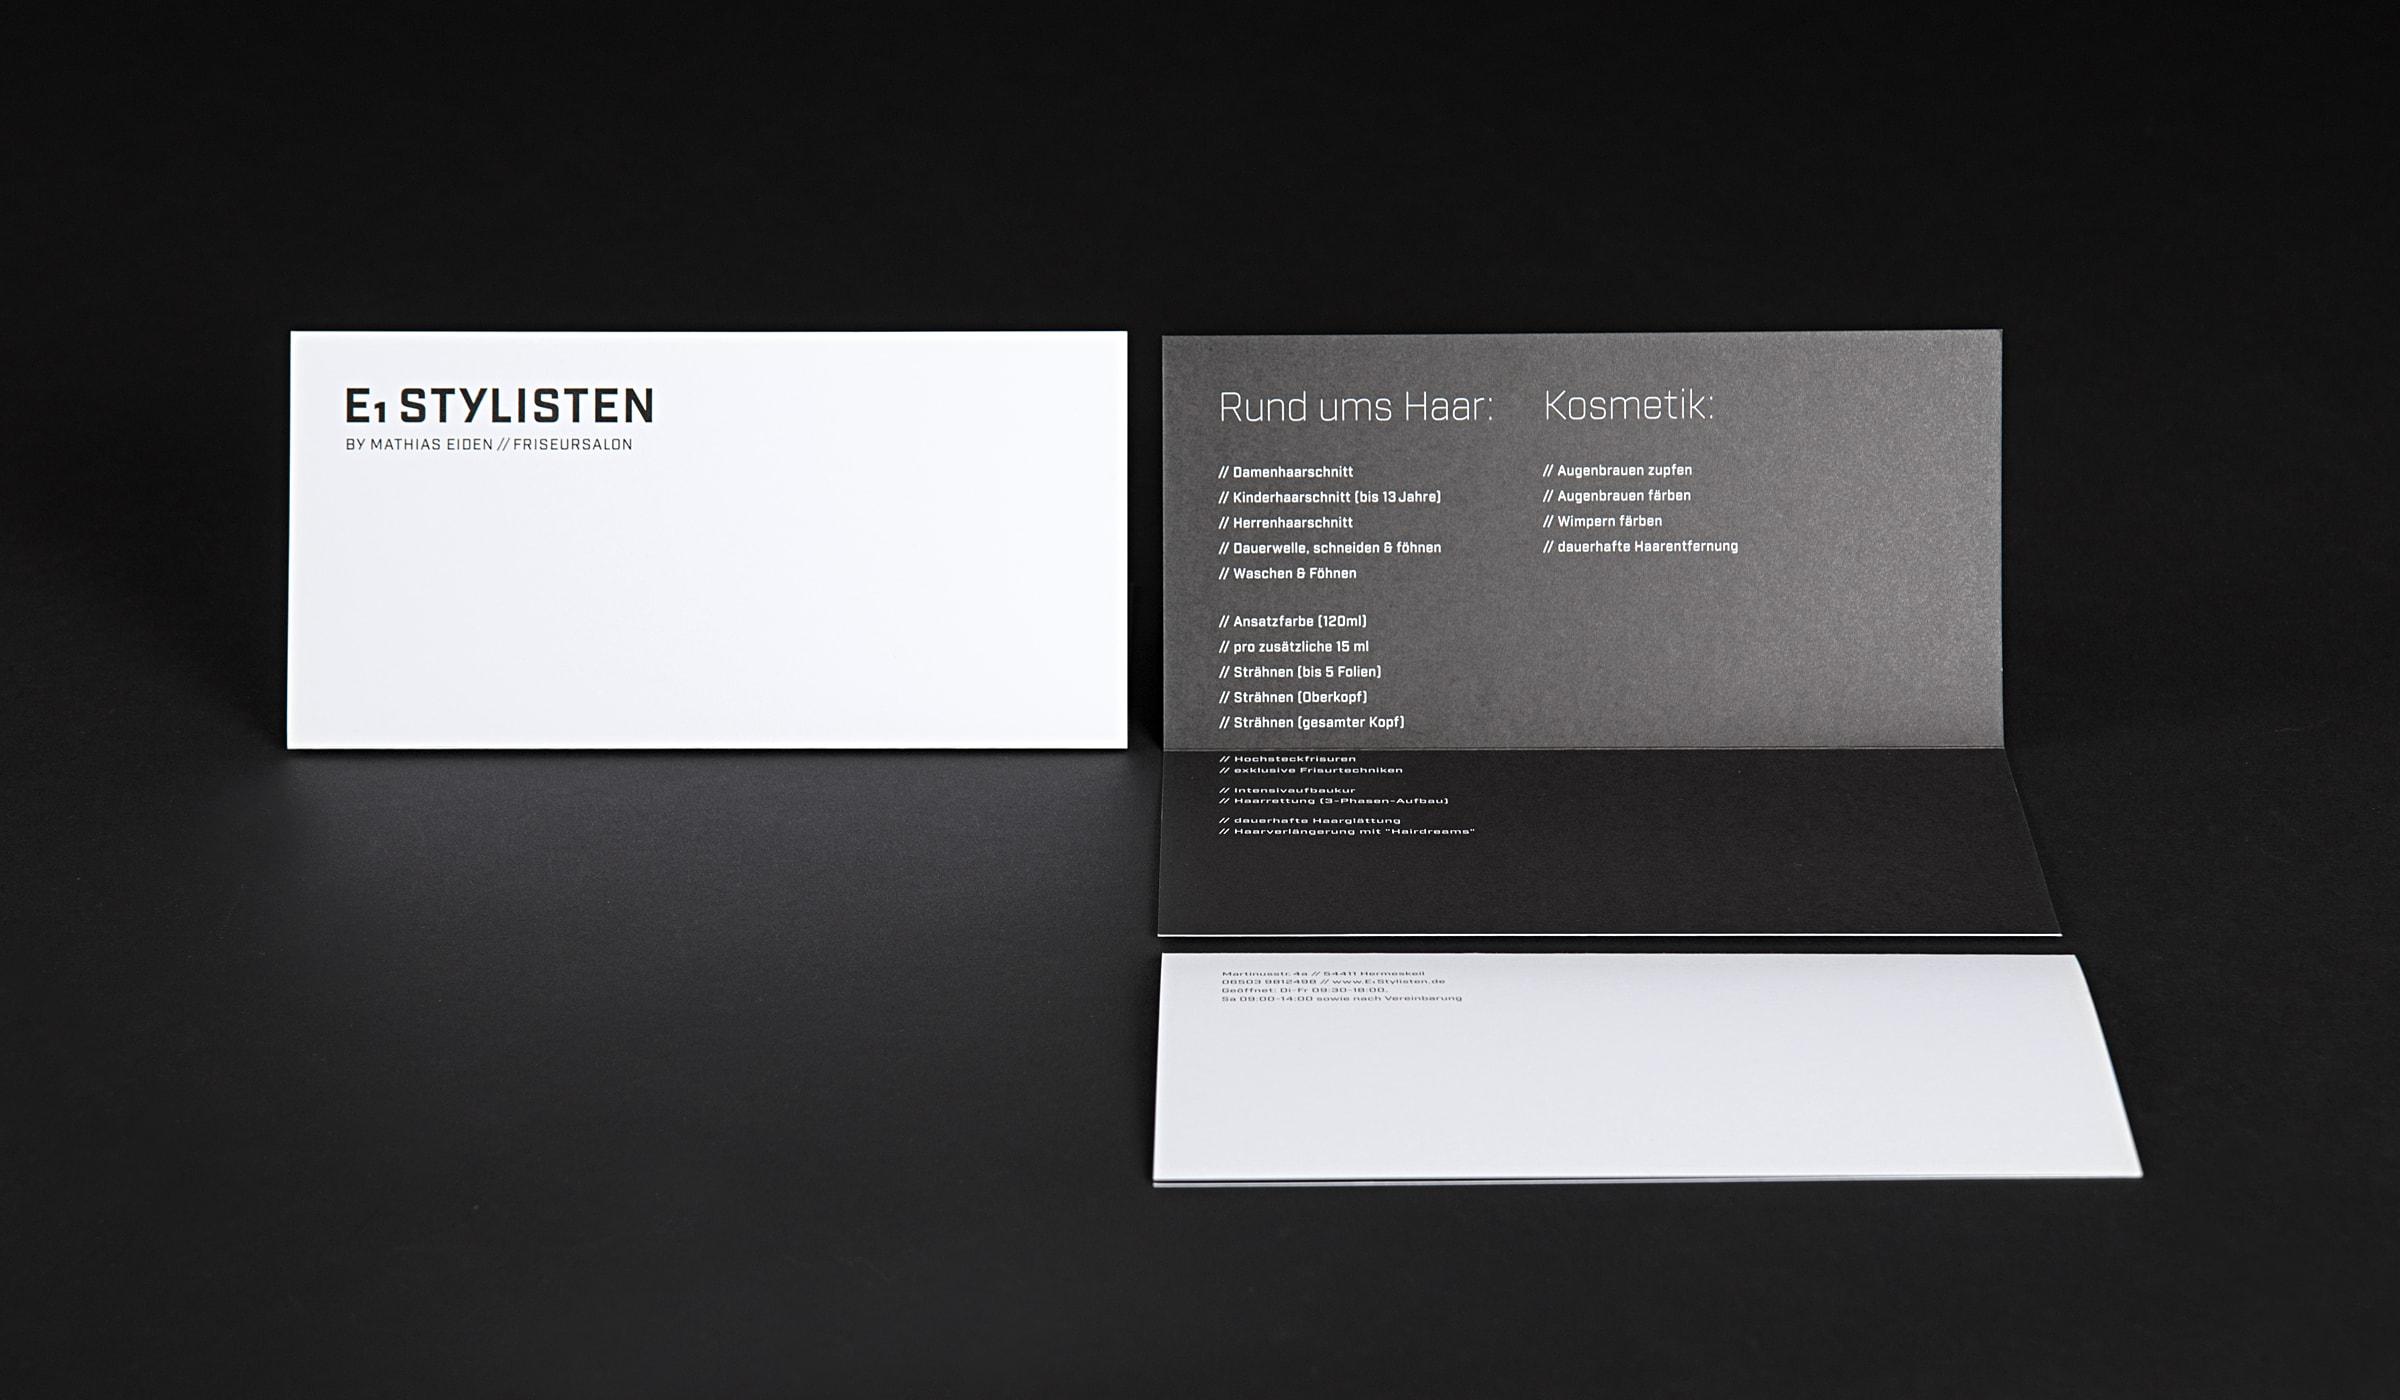 Konzeptarbeit ~ Corporate Design ~ Handzettel // Handzettel mit Heißfolienprägung 300g // E1 Stylisten